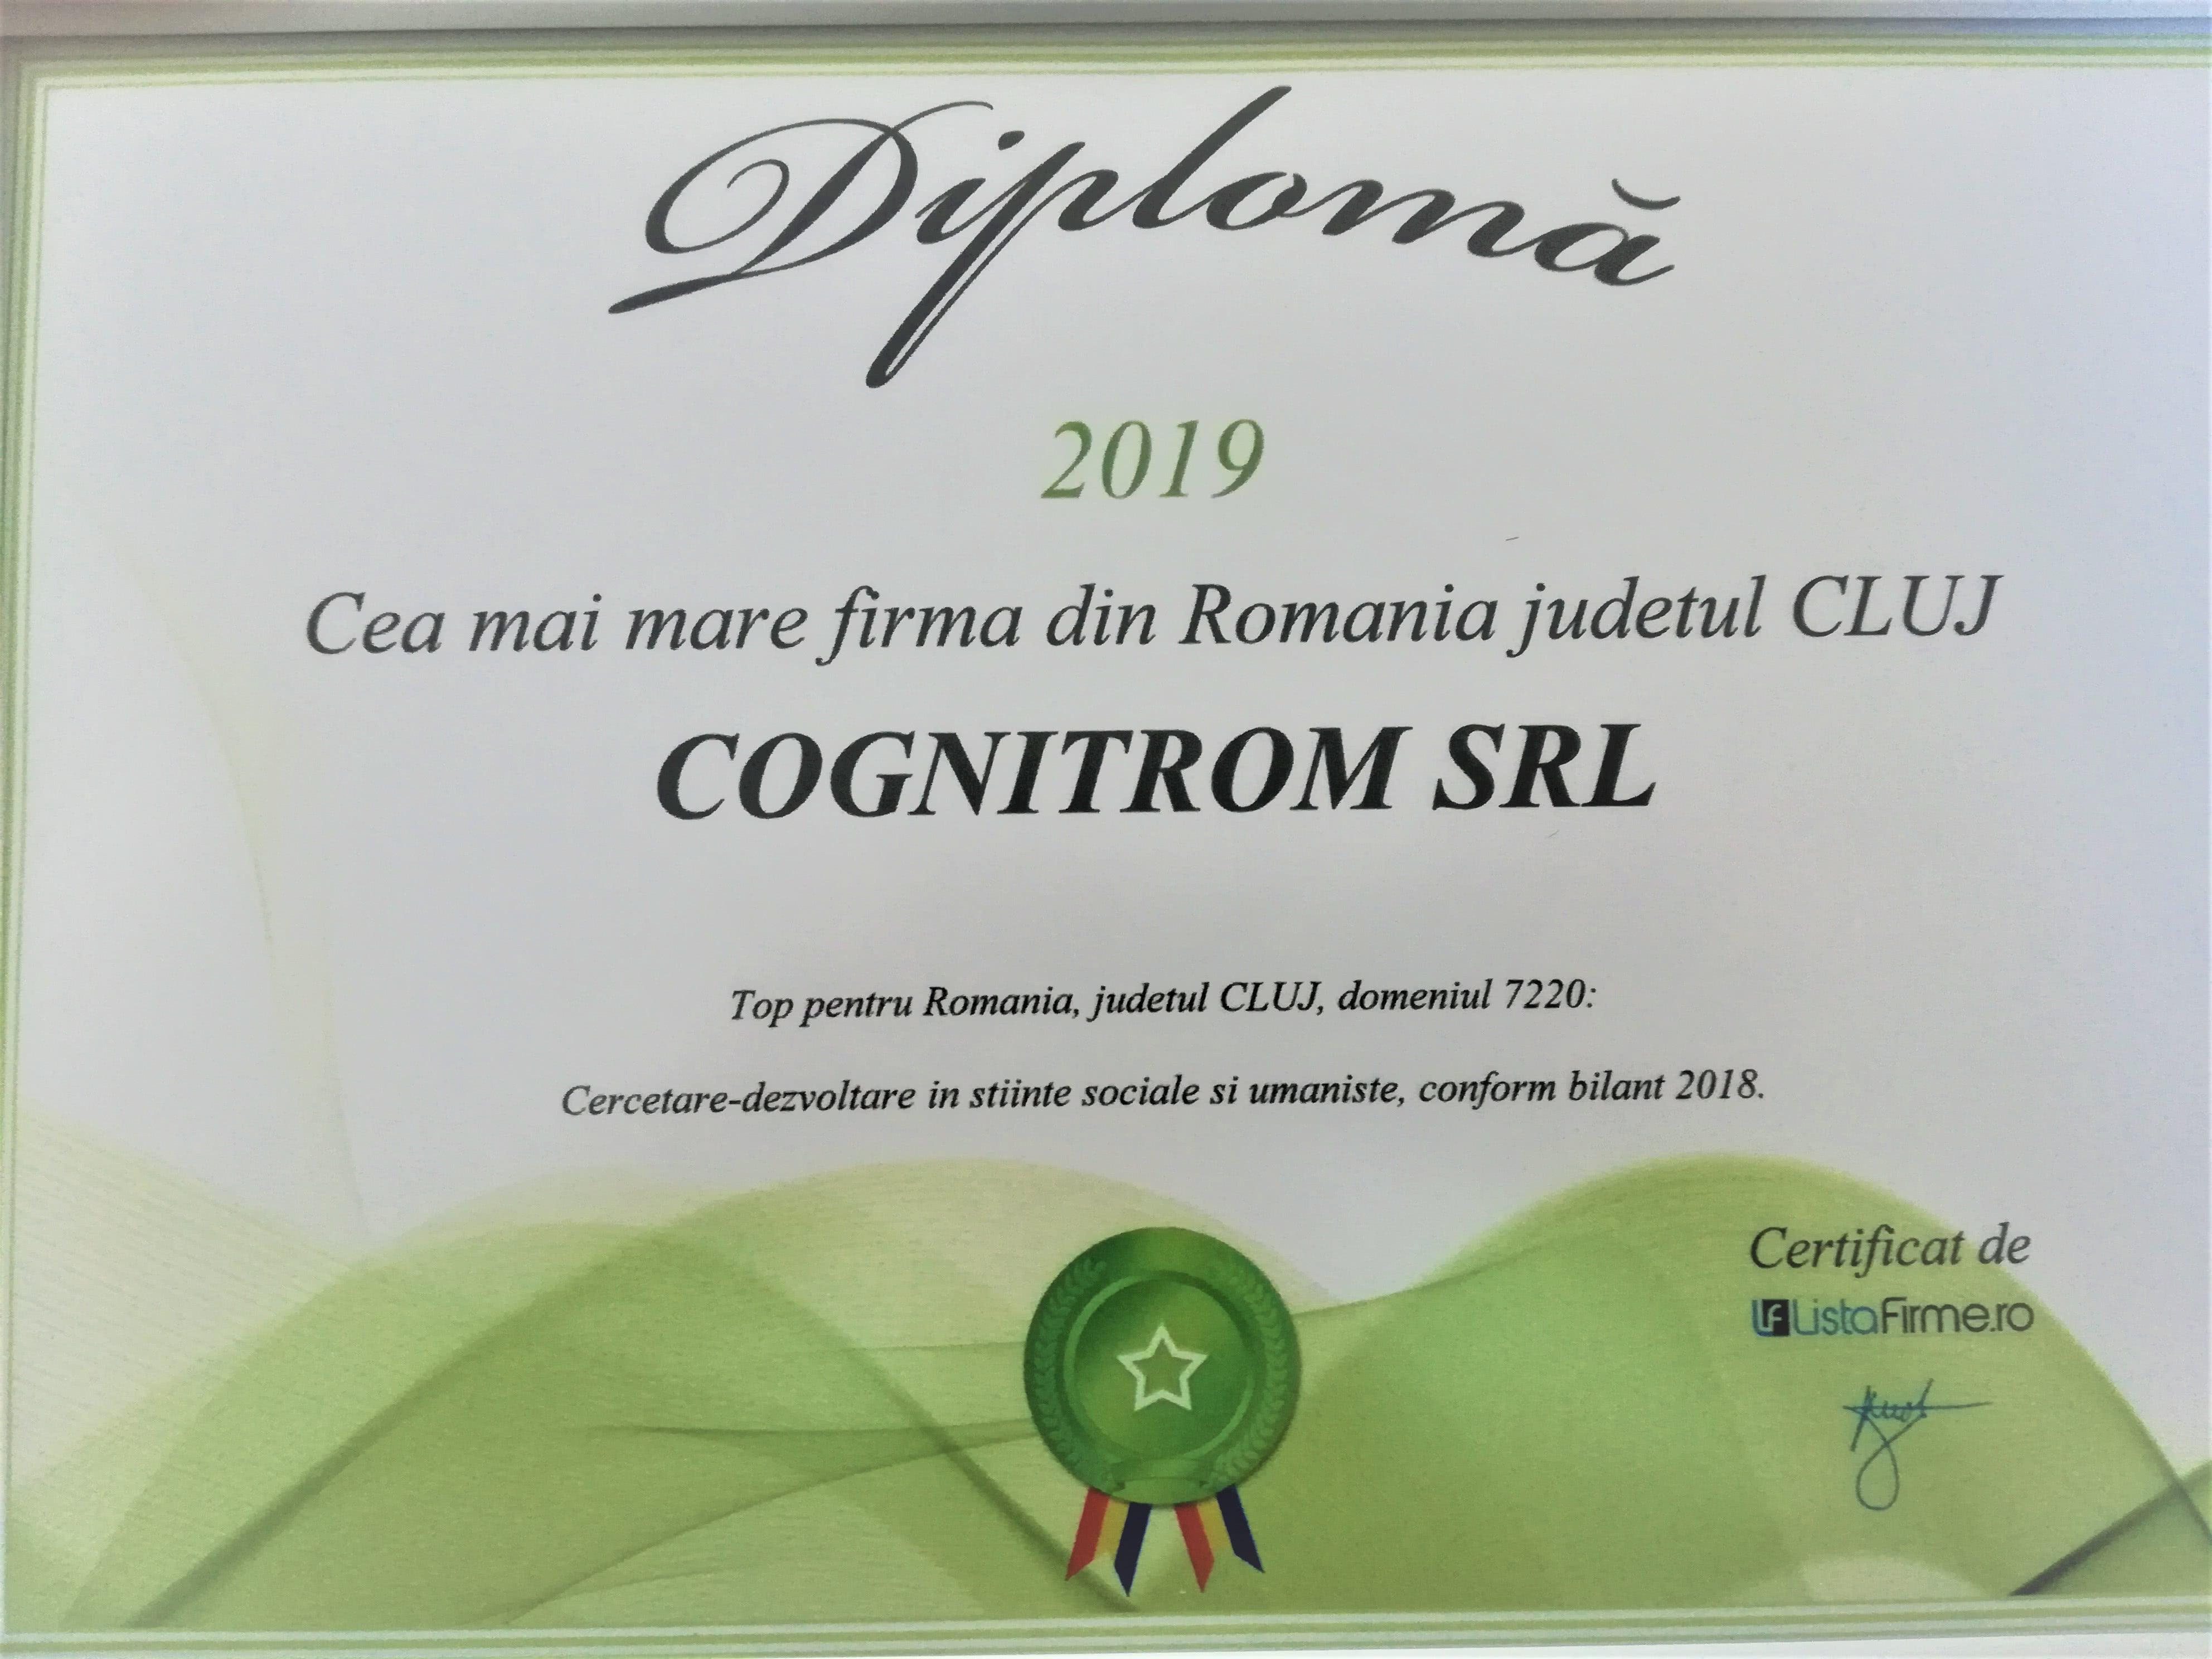 Cea mai mare firma din Romania judetul CLUJ